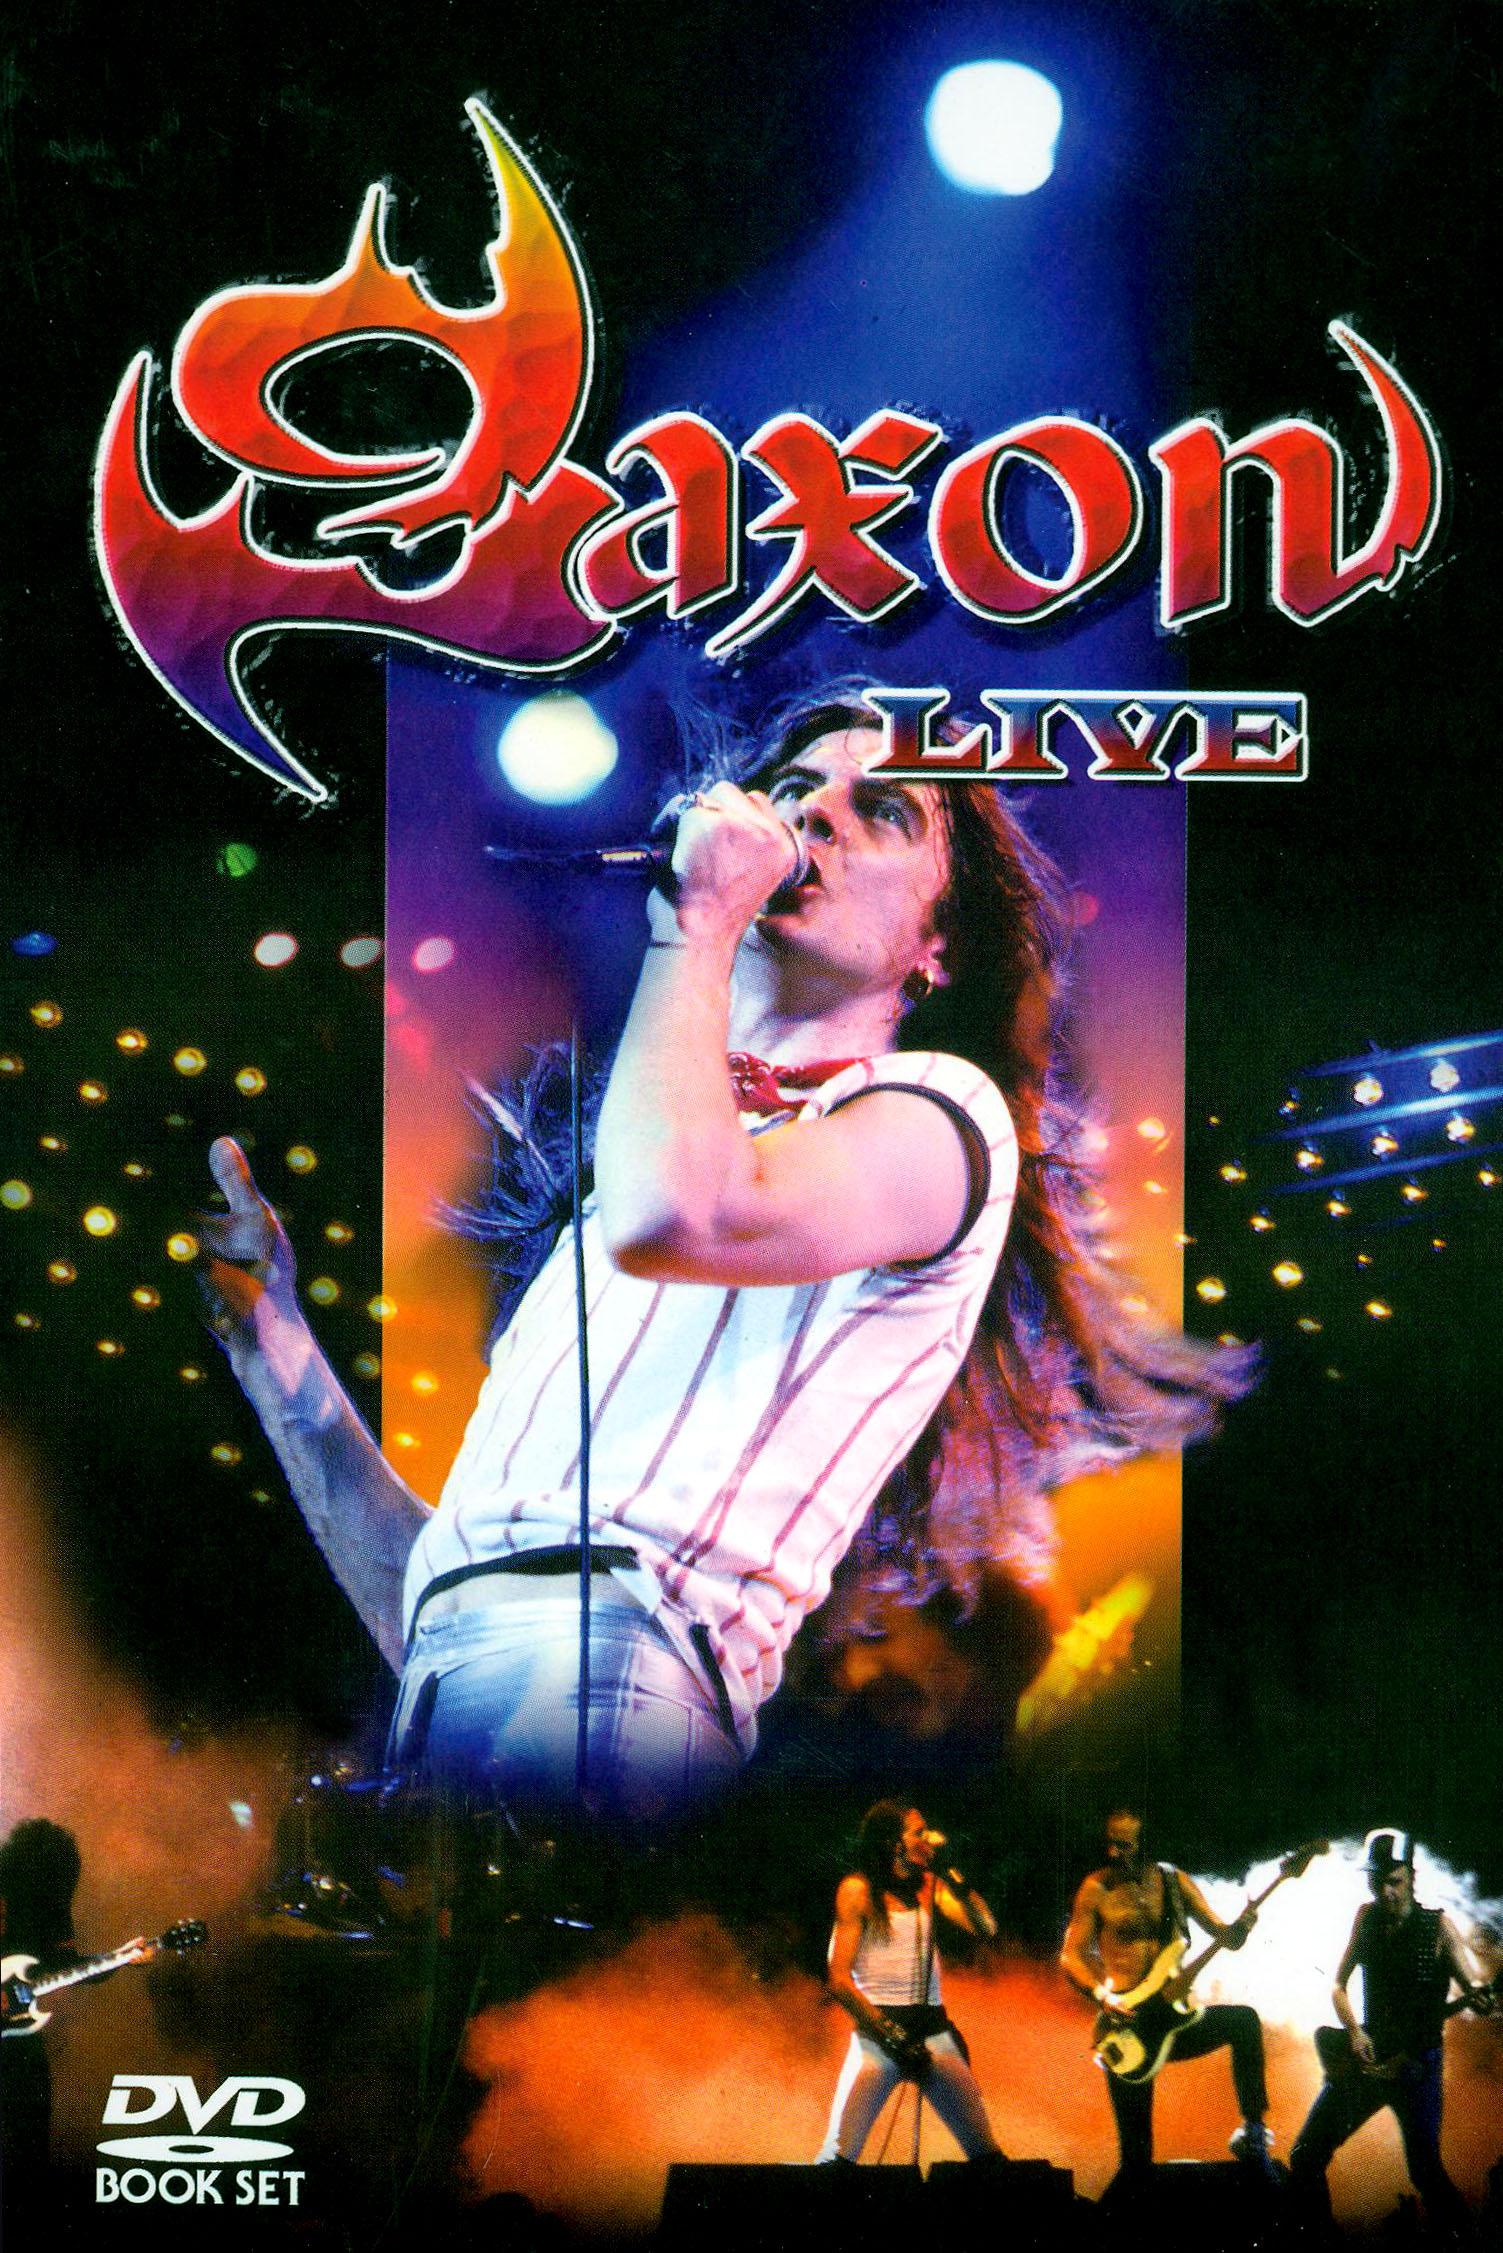 Saxon: Live